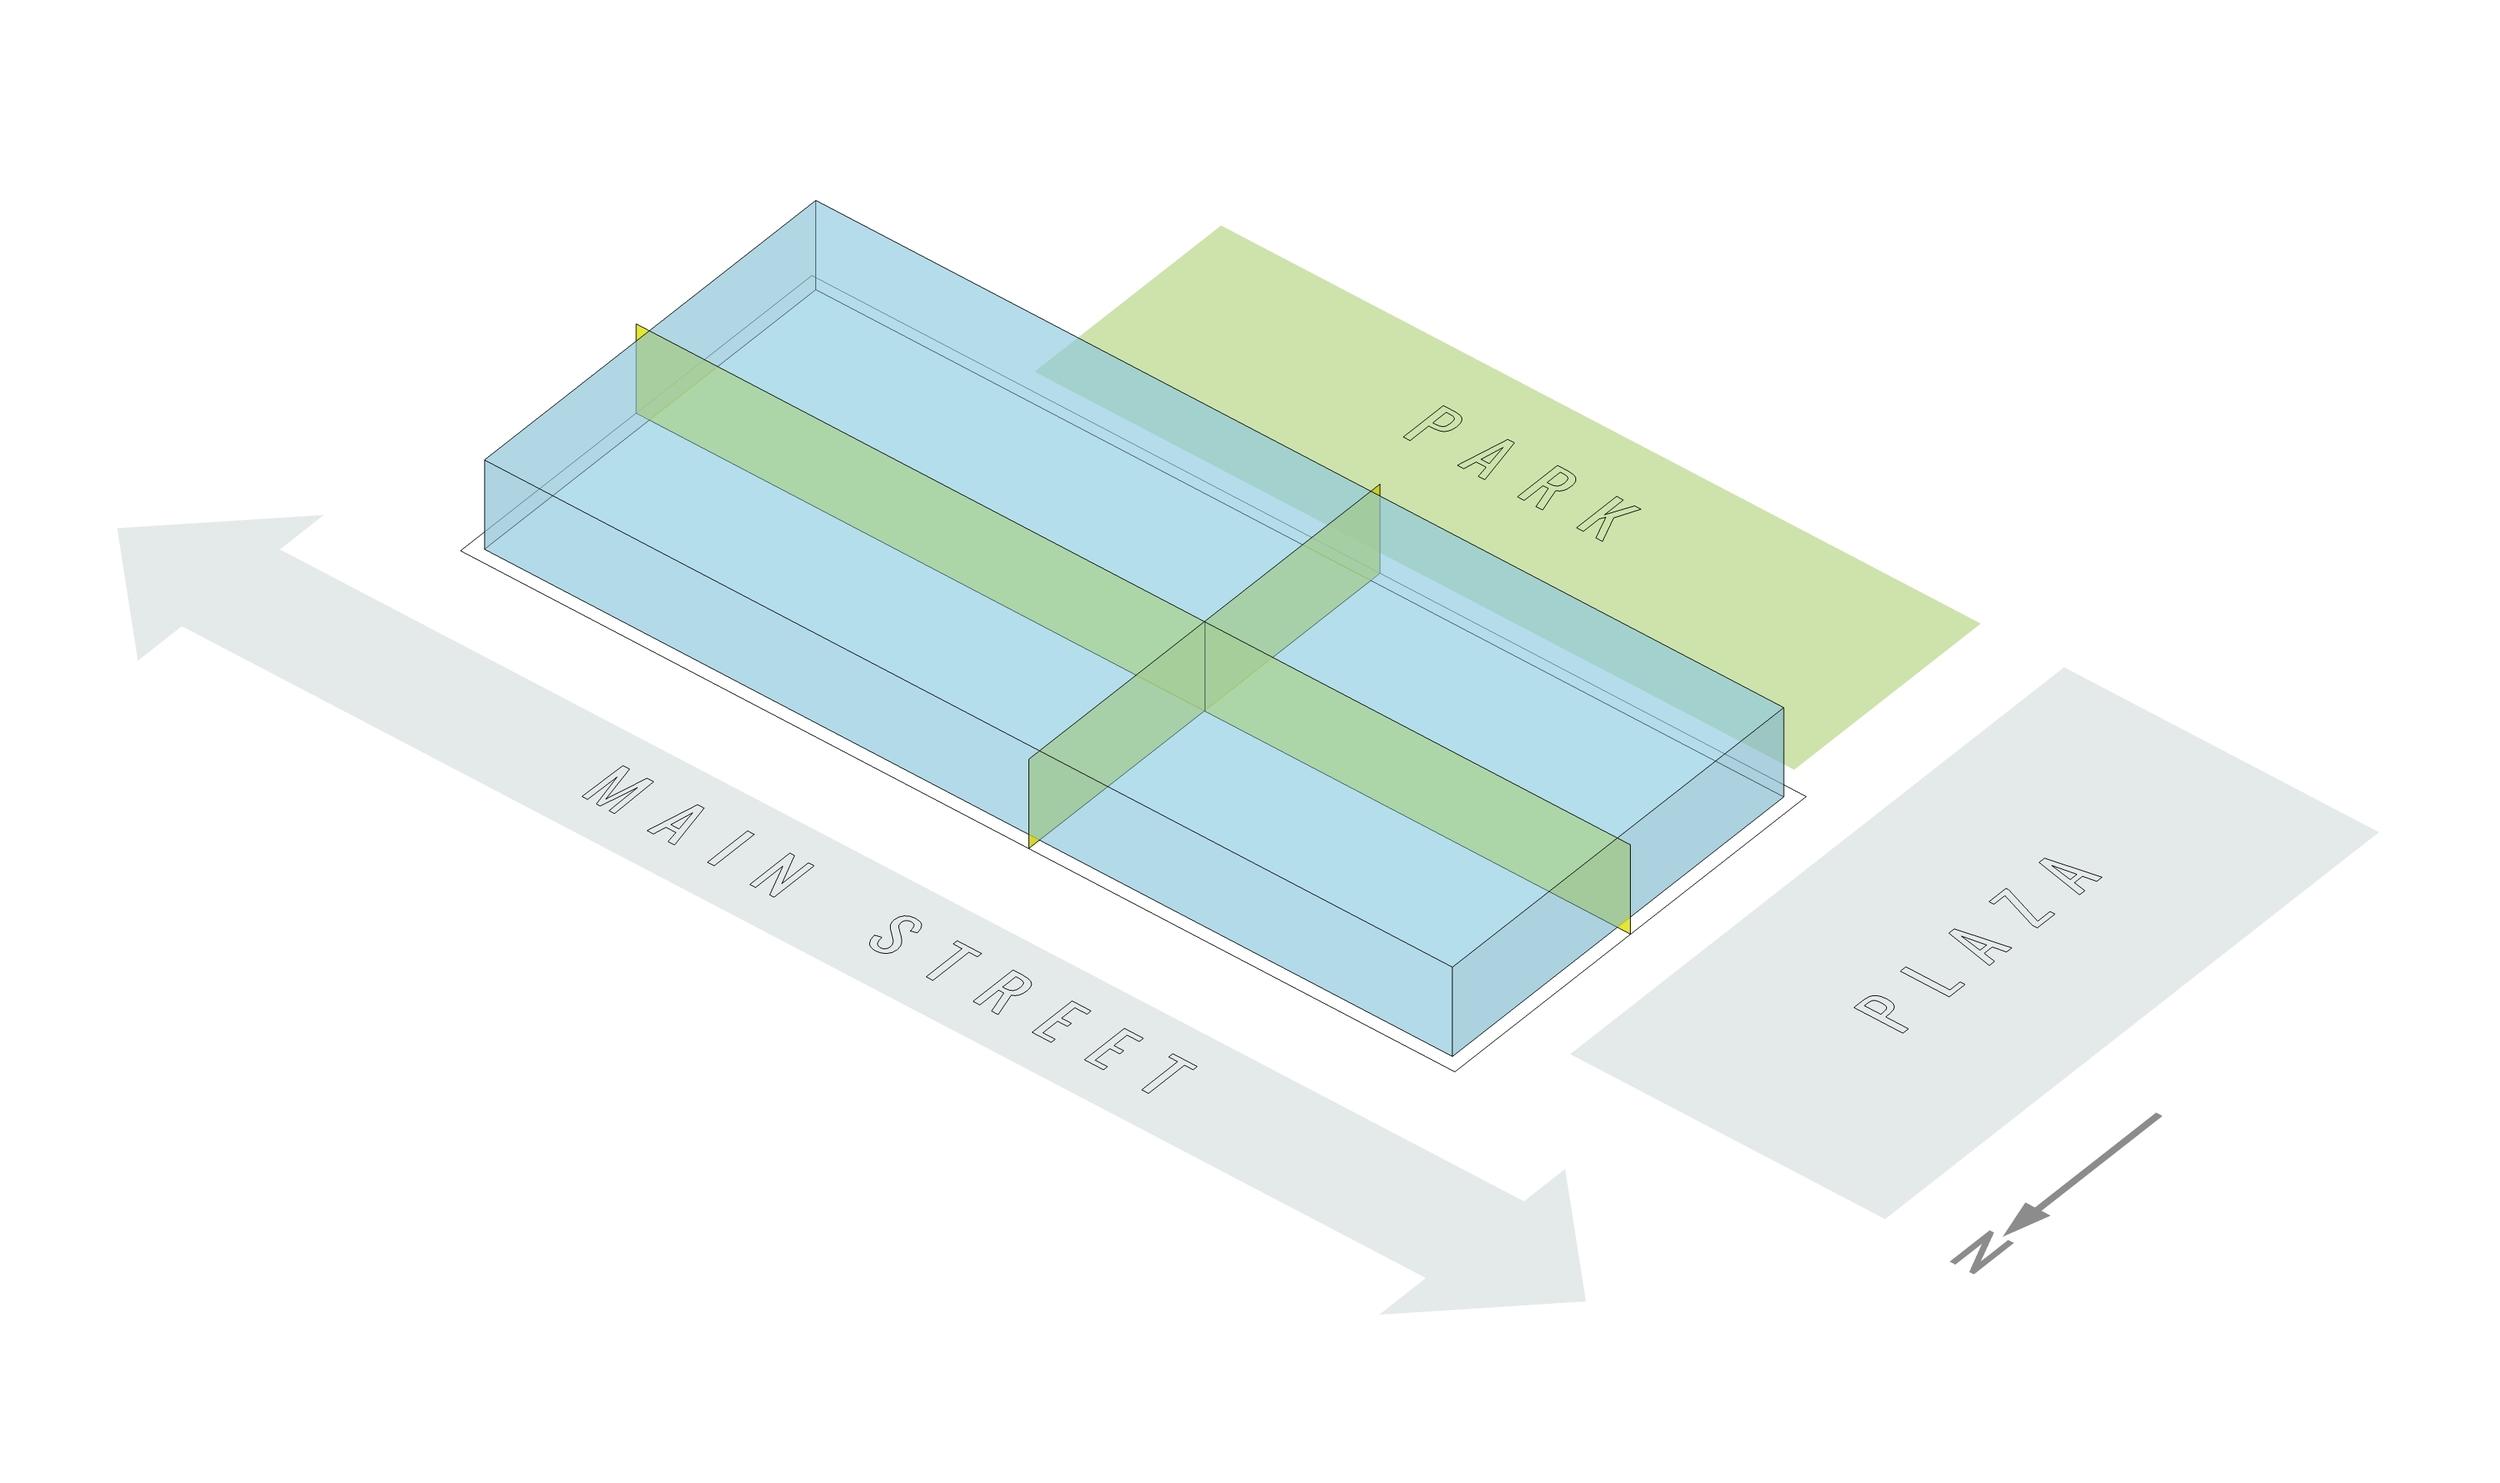 OSL - Massing Diagram 01.jpg